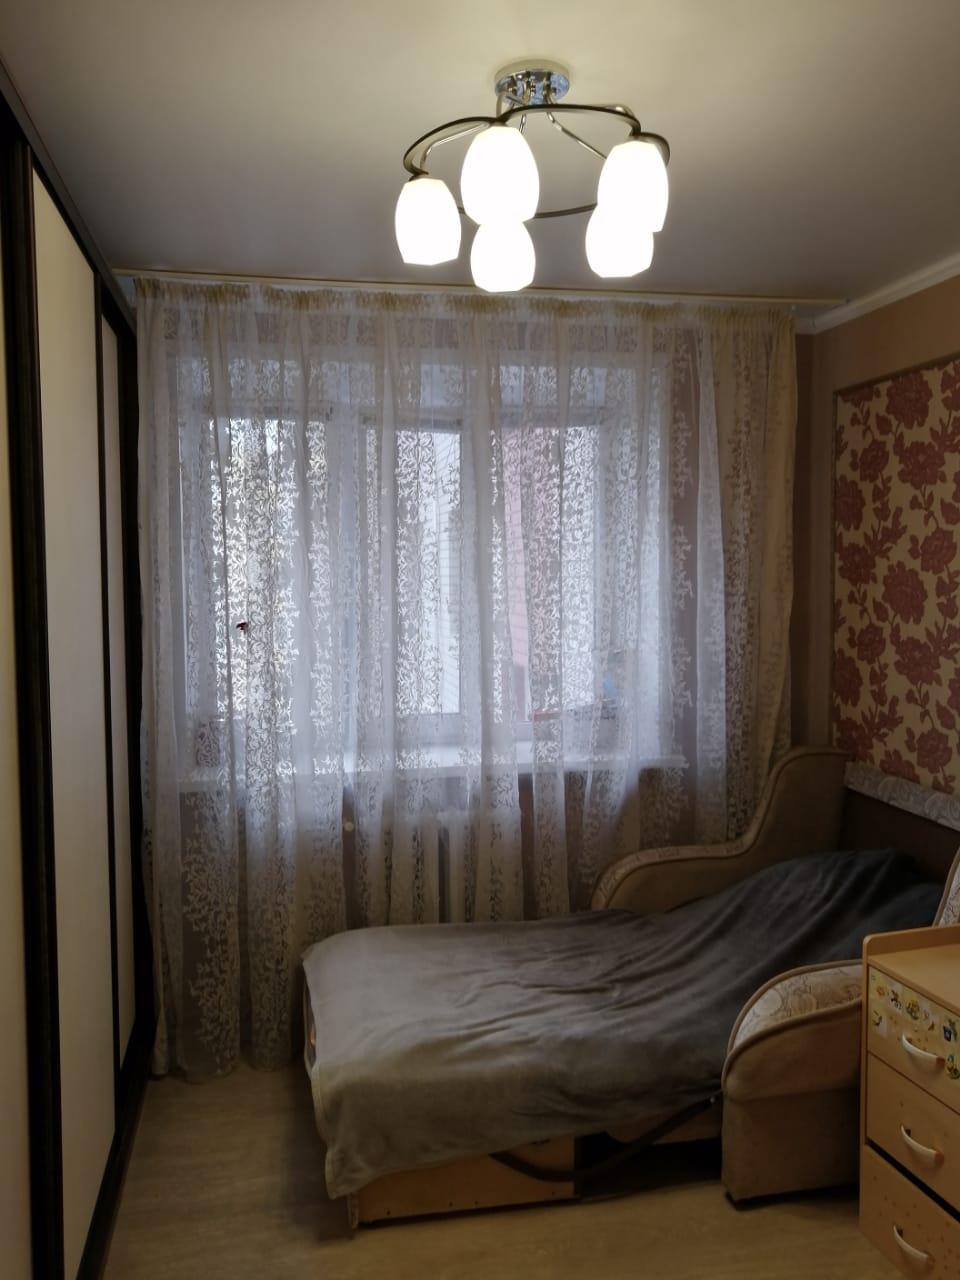 Квартира на продажу по адресу Россия, Алтайский край, Новоалтайск, ул. Анатолия, 11